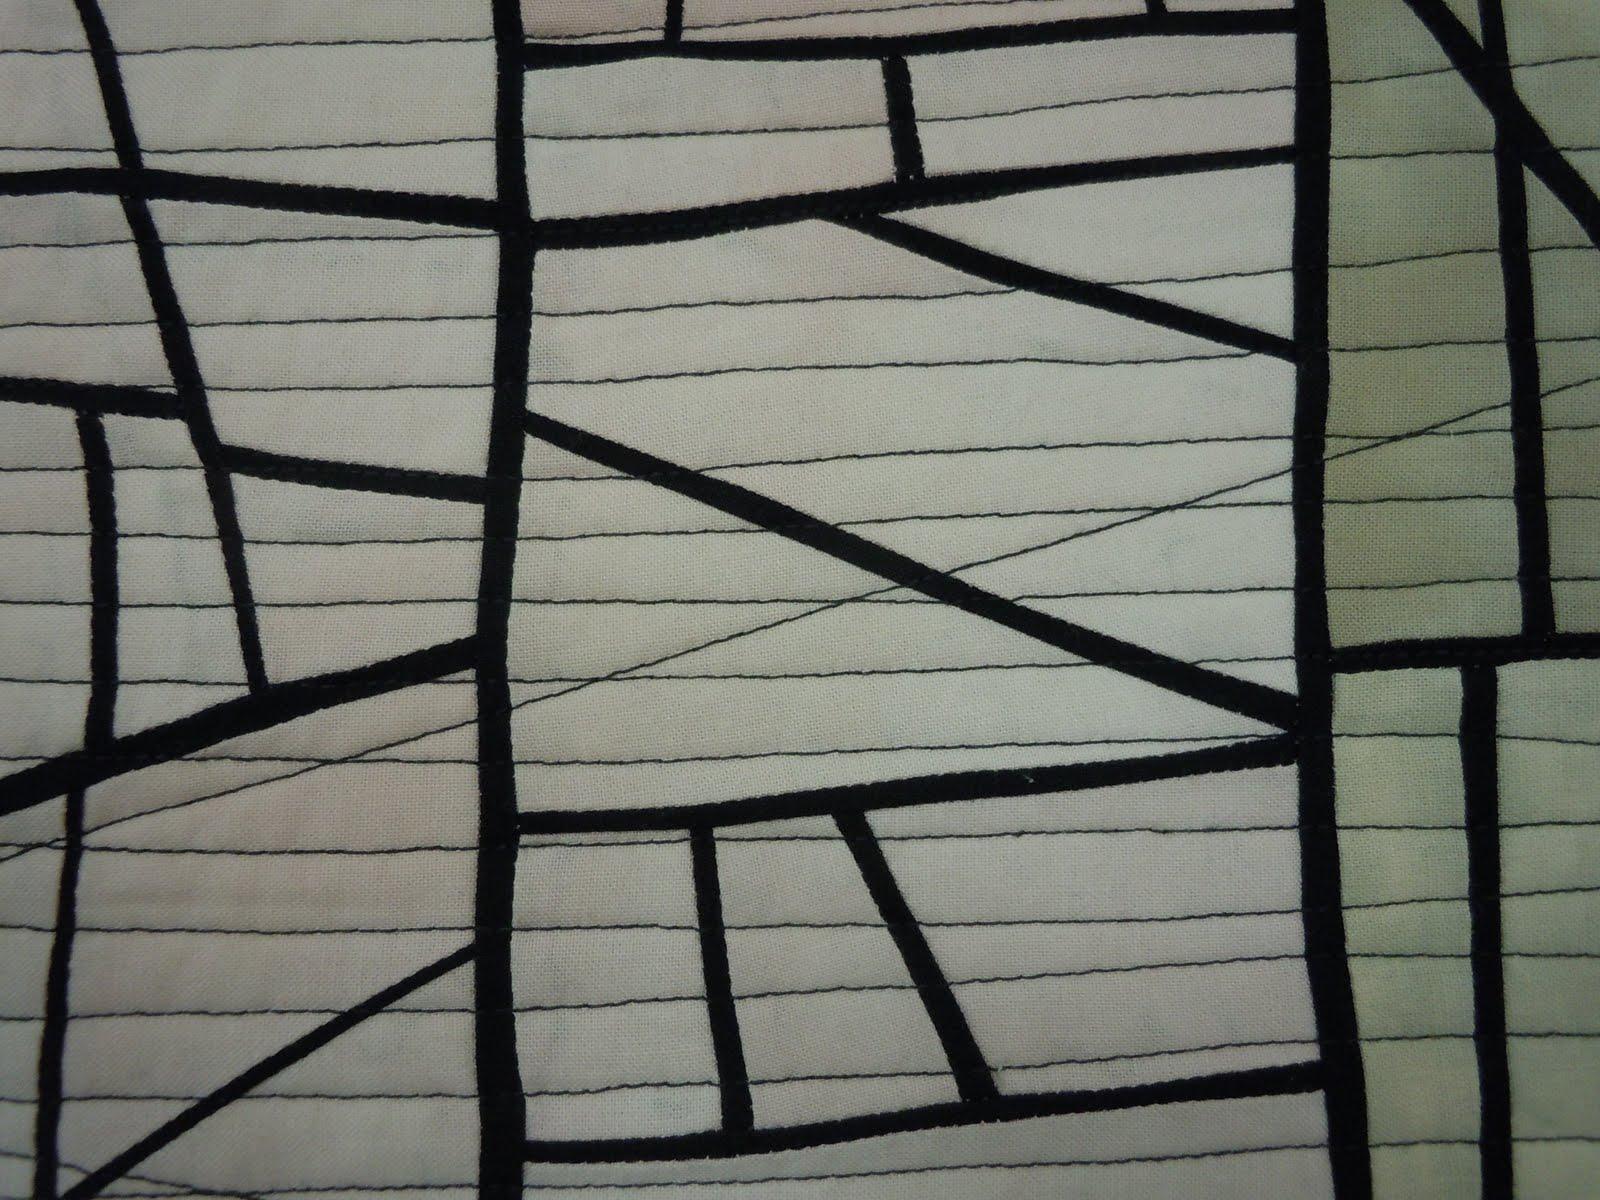 Diagonal Line Design : Diagonal lines in interior design